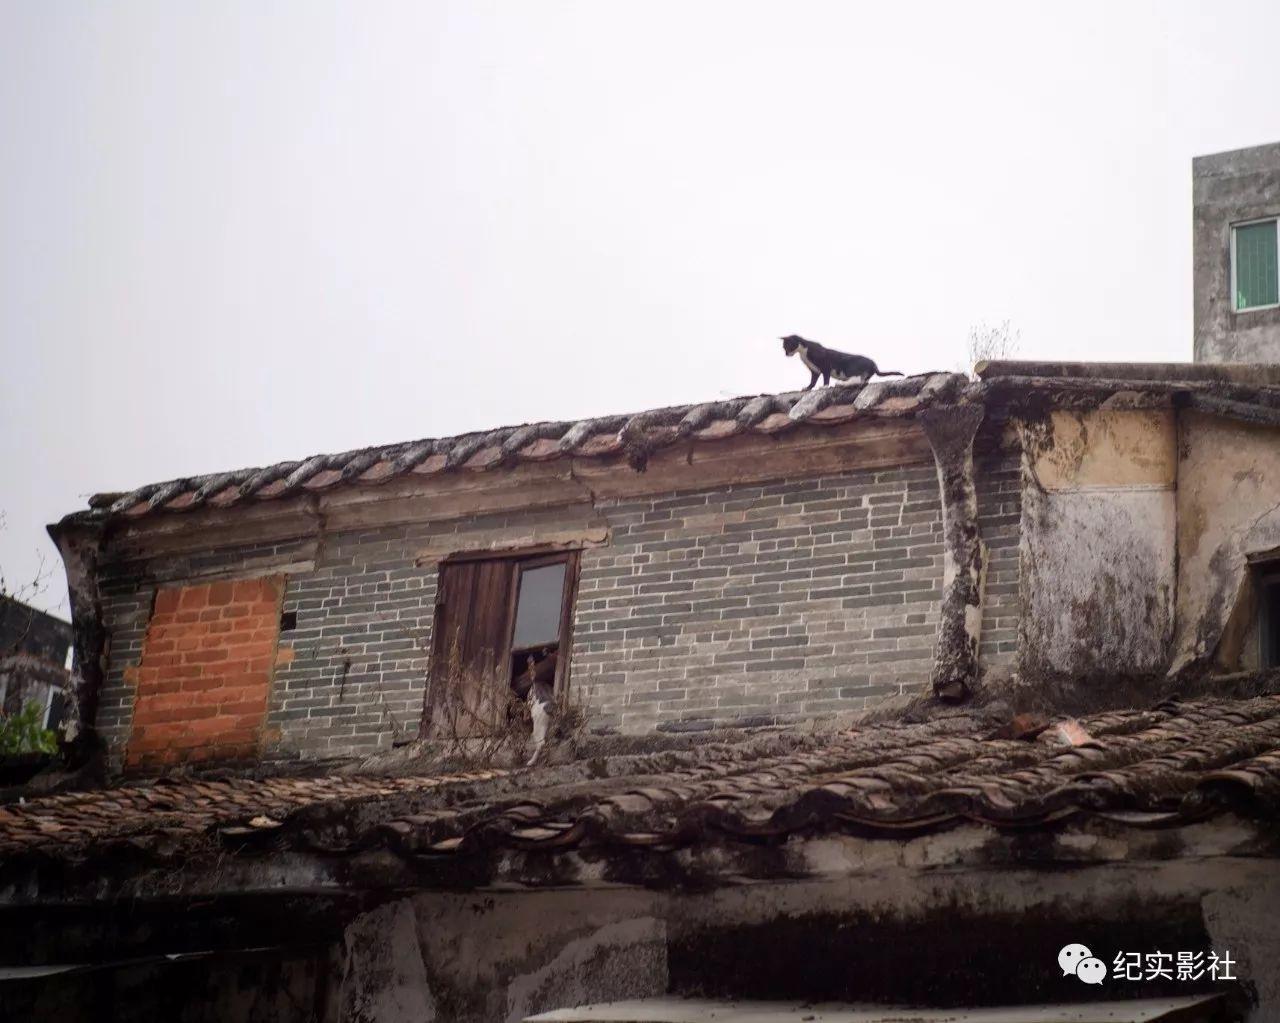 阳江市有多少人口_阳江市有多少人口(2)